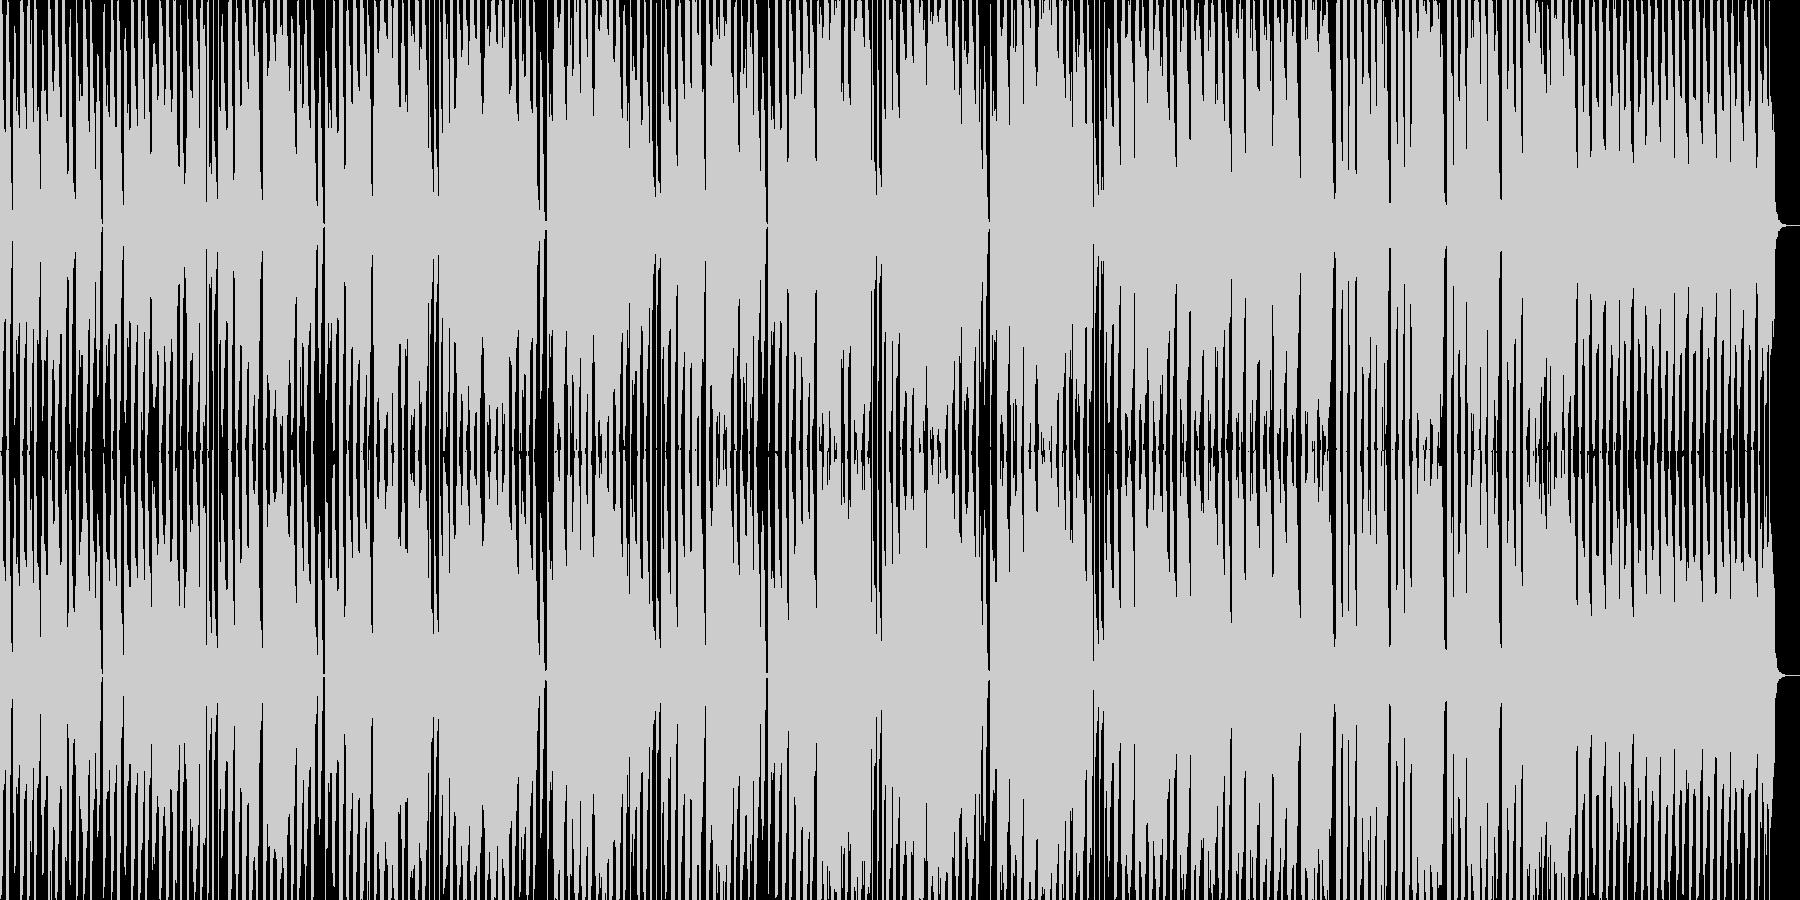 異質なポップギターの未再生の波形